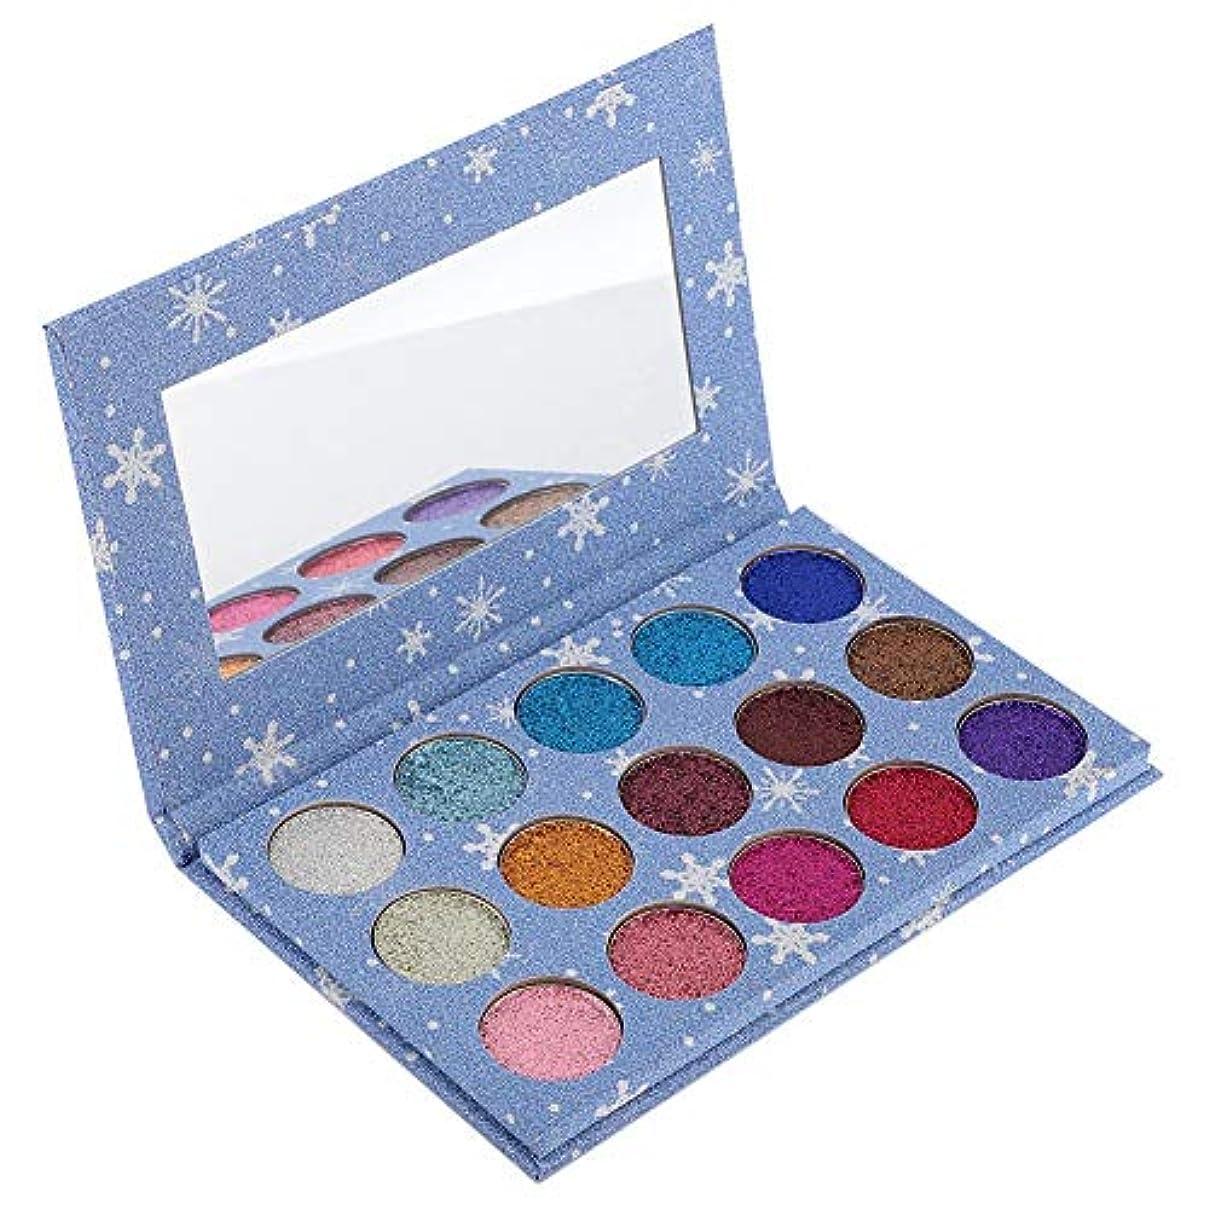 うつアレルギー主人アイシャドウパレット 15色 アイシャドウパレット 化粧マット グロス アイシャドウパウダー 化粧品ツール (01)